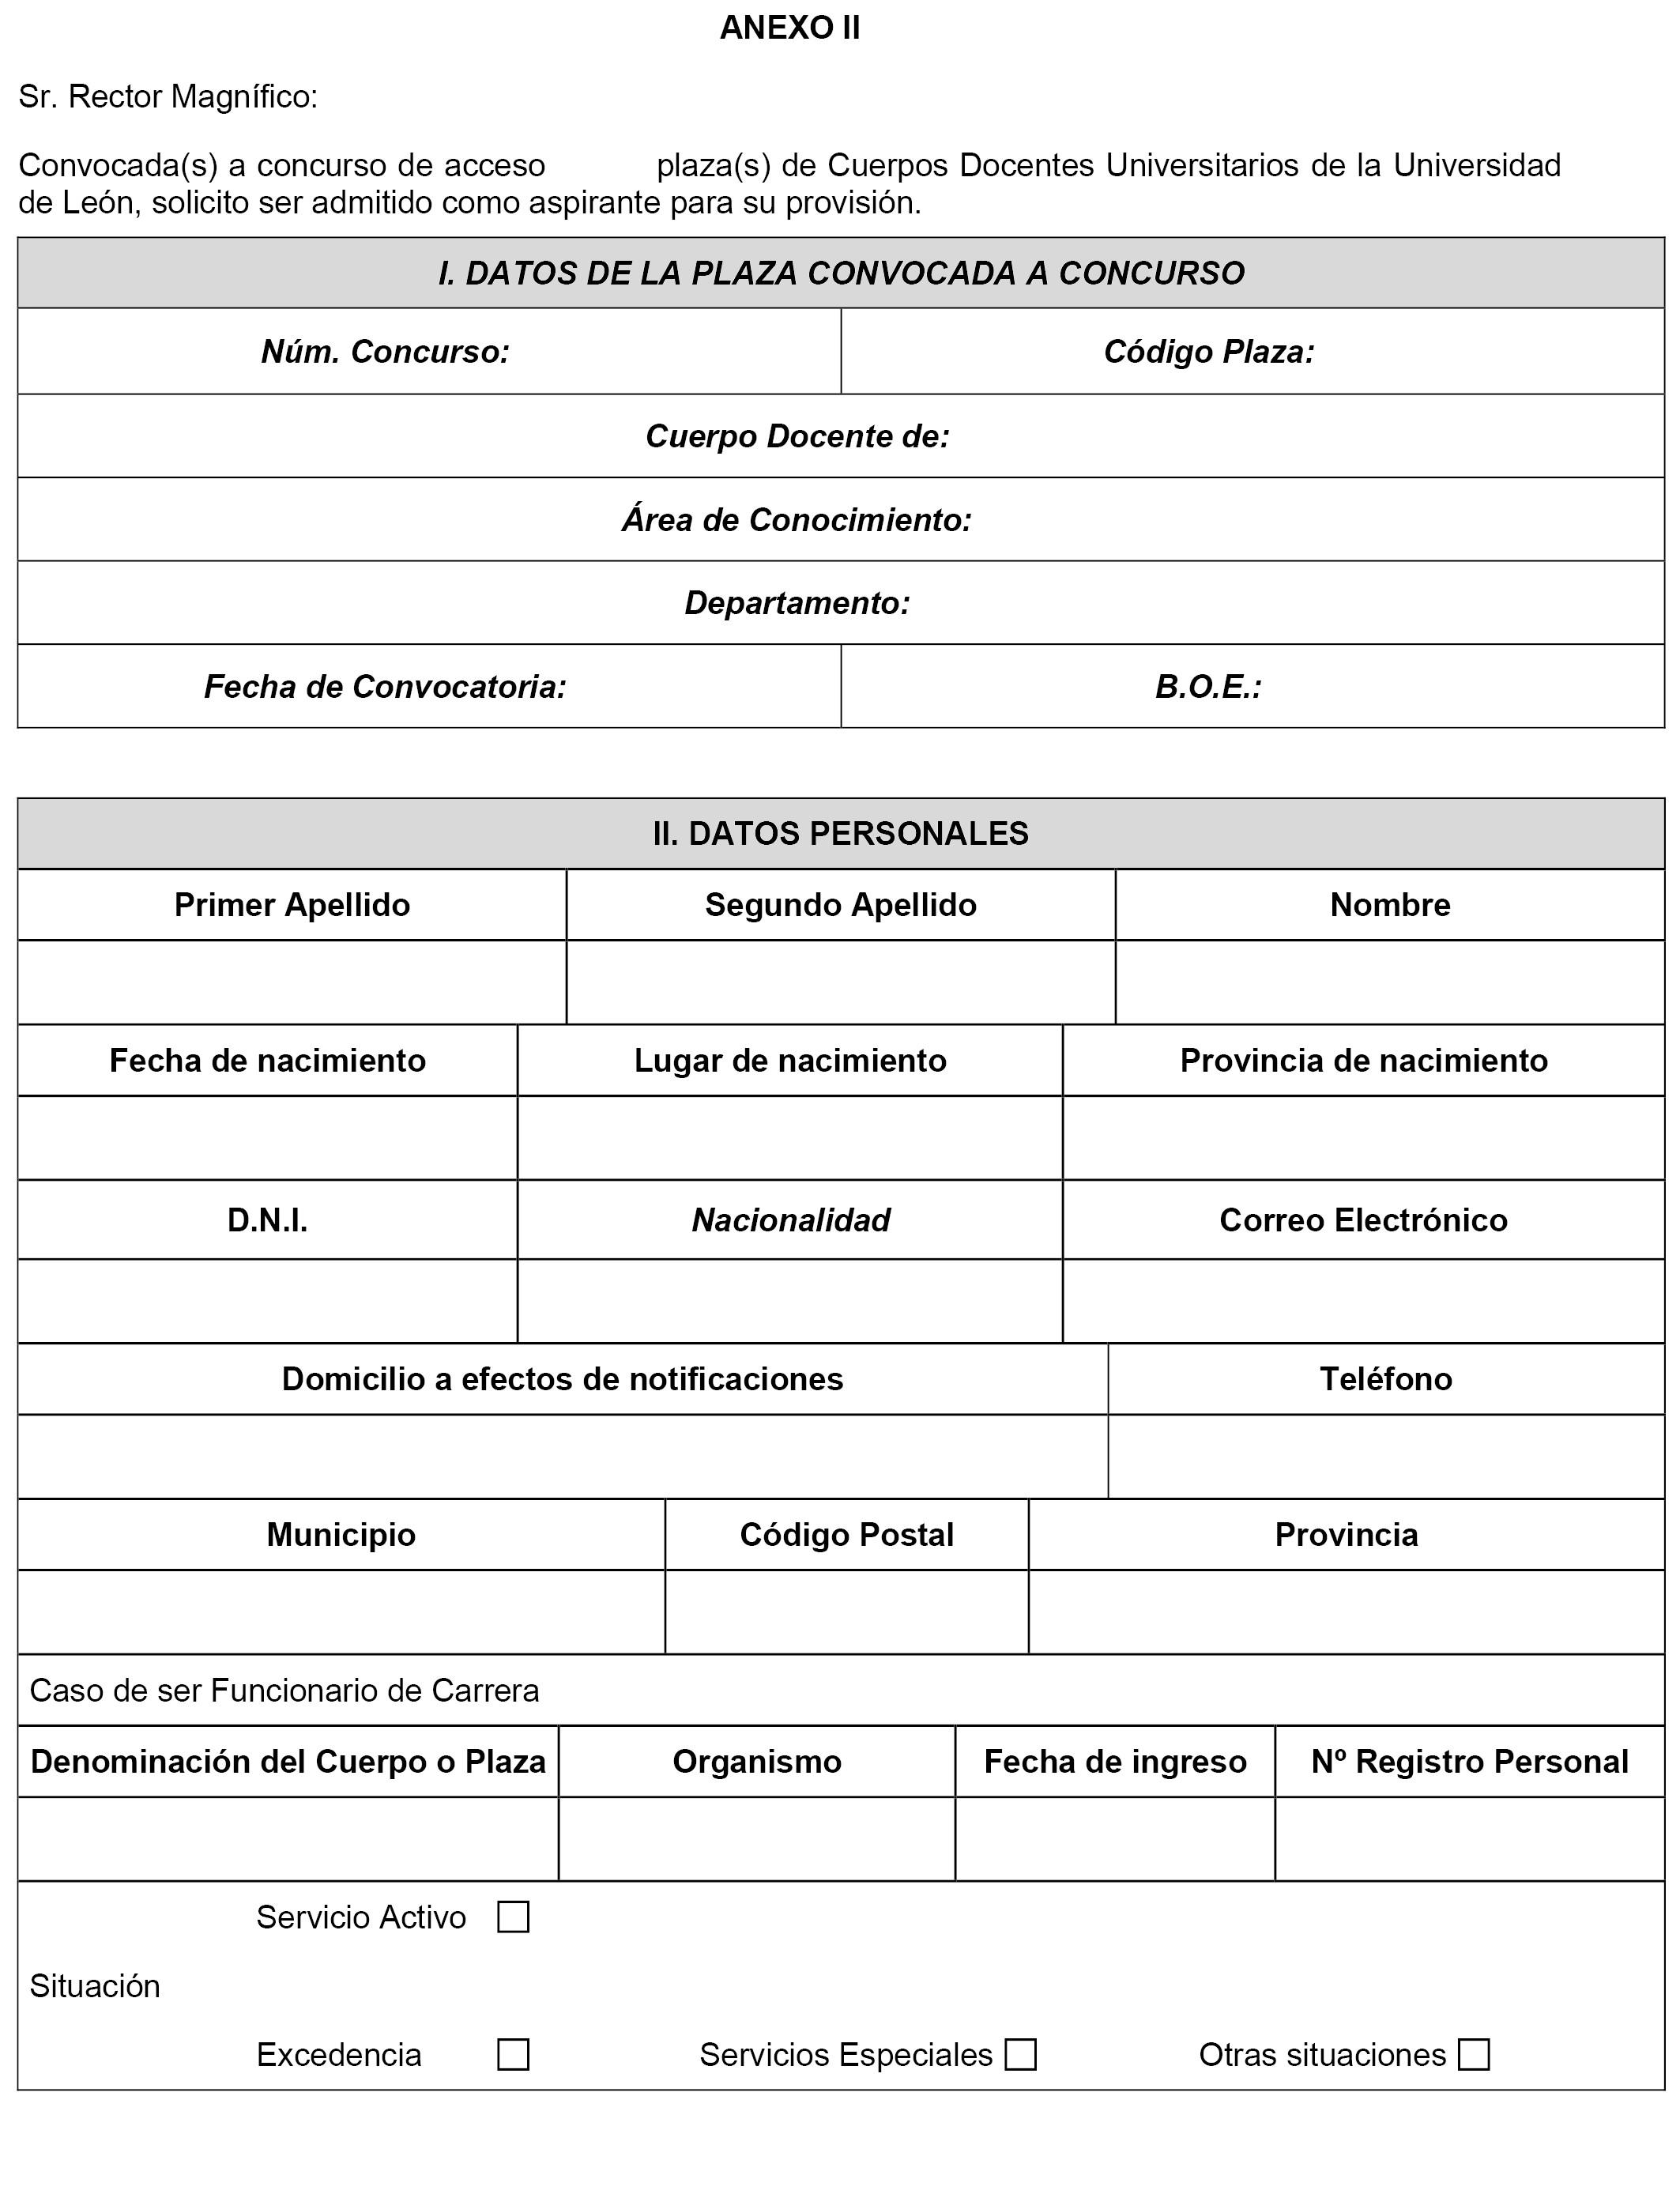 Calendario 2019 Region De Murcia Más Populares Boe Documento Boe A 2019 1208 Of Calendario 2019 Region De Murcia Más Recientemente Liberado El Servigest Arrolla Al Ucam Murcia Y Logra El Tercer Puesto En La